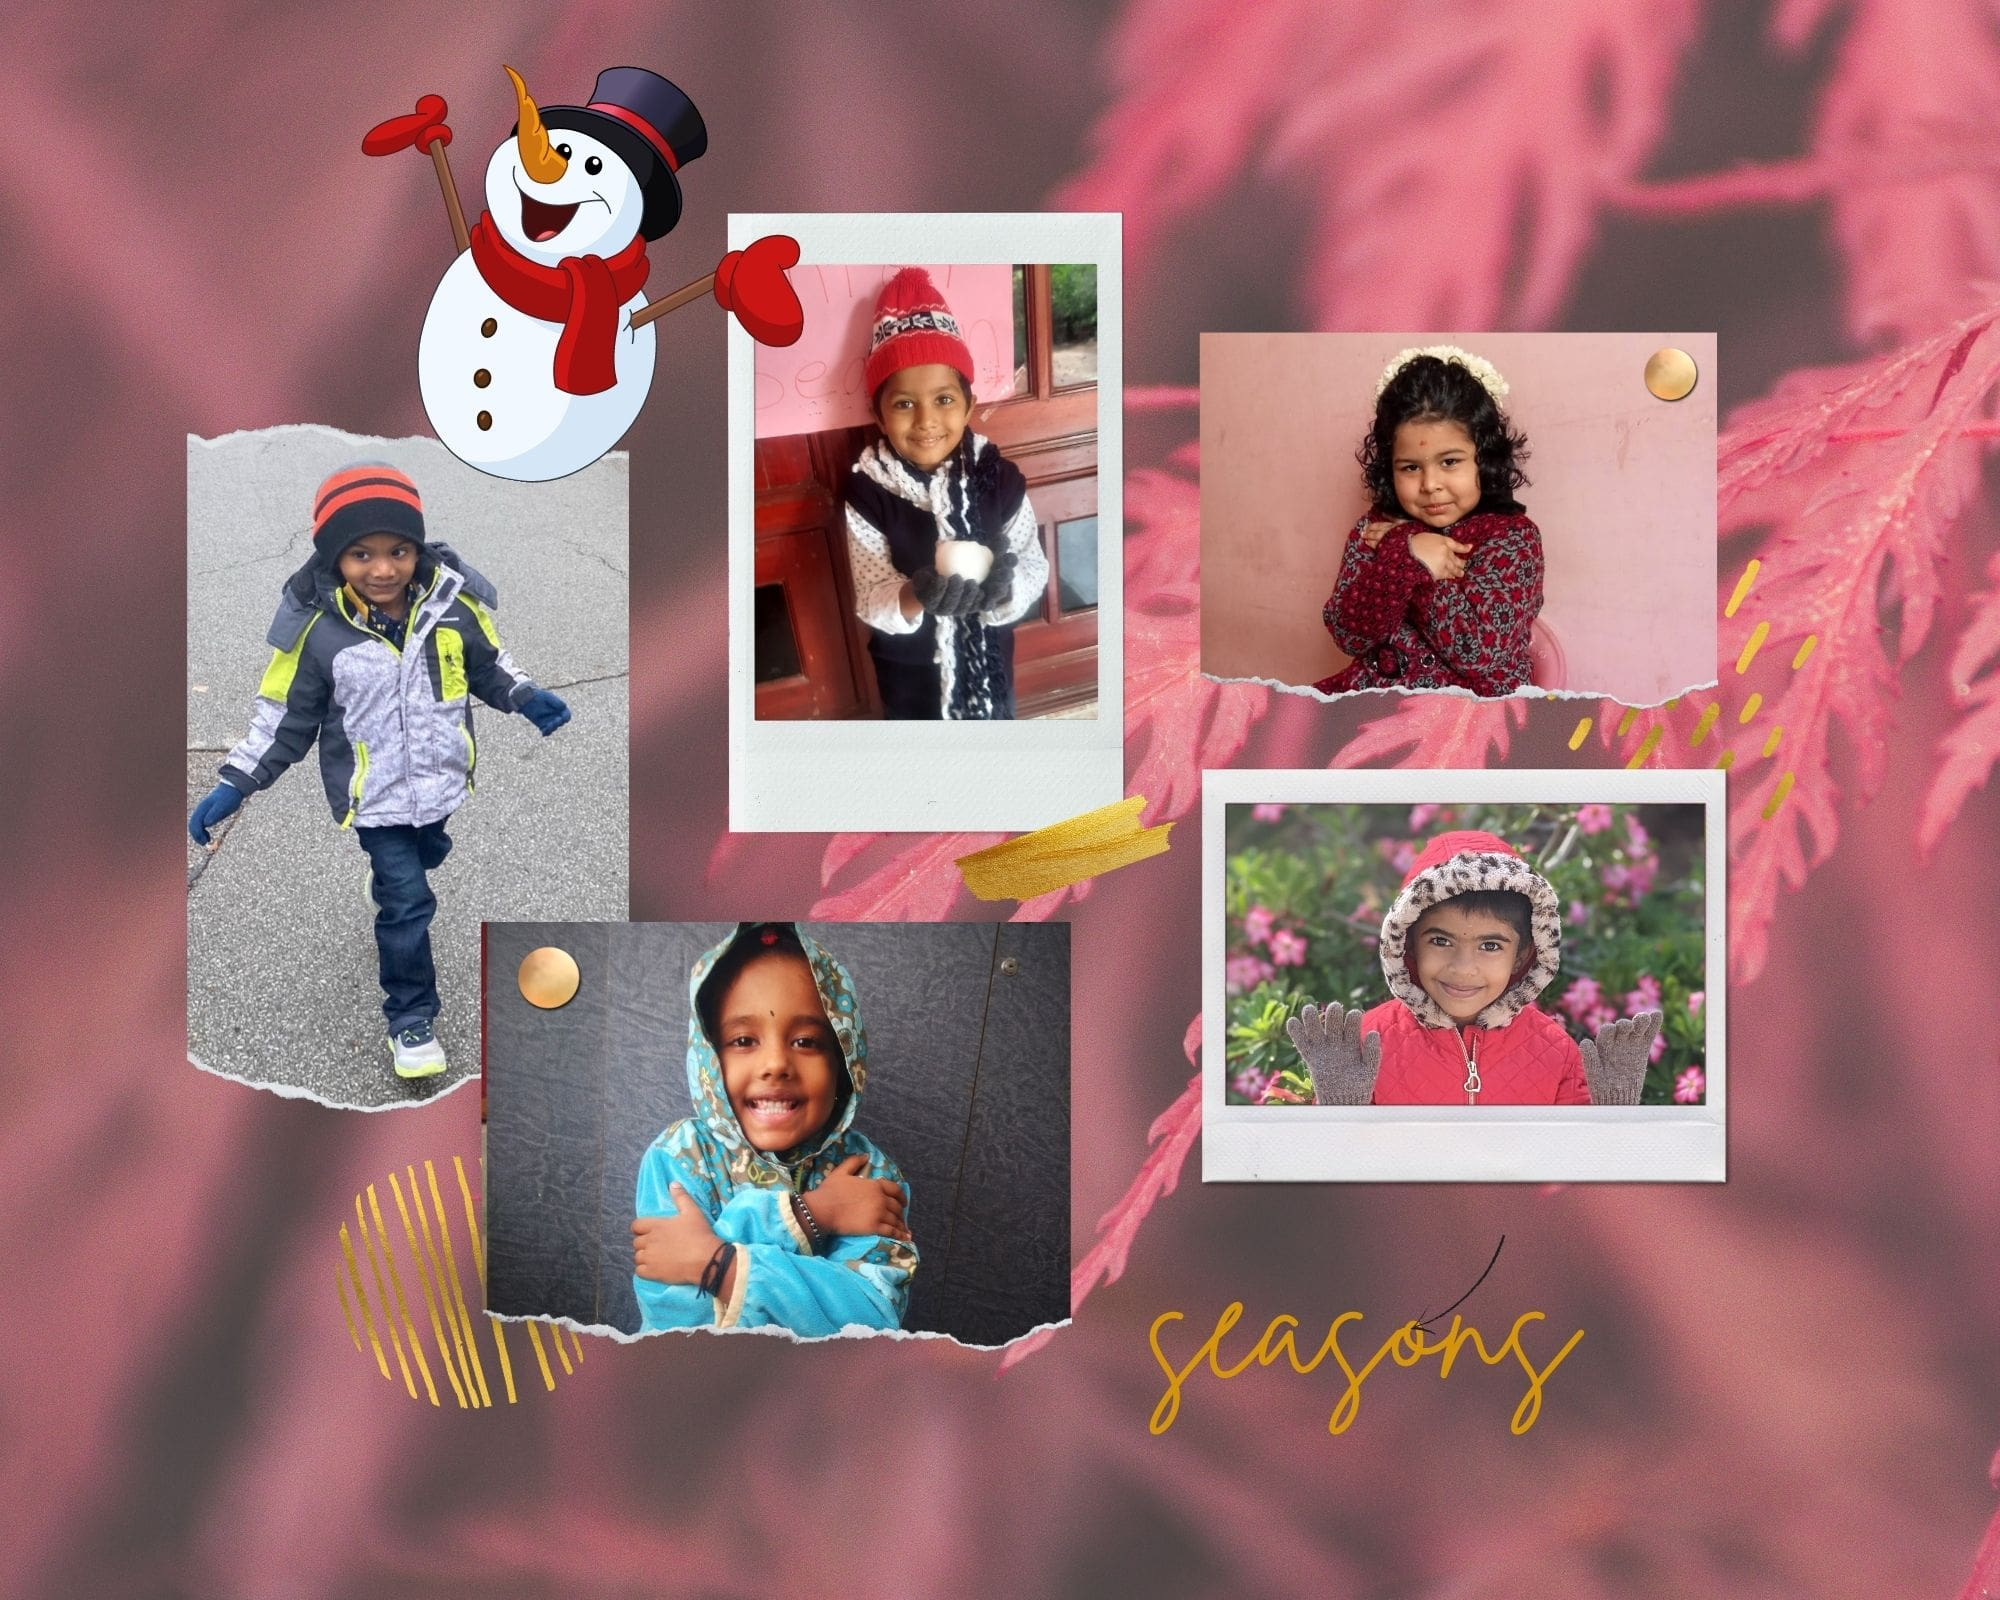 seasons for kindergarten